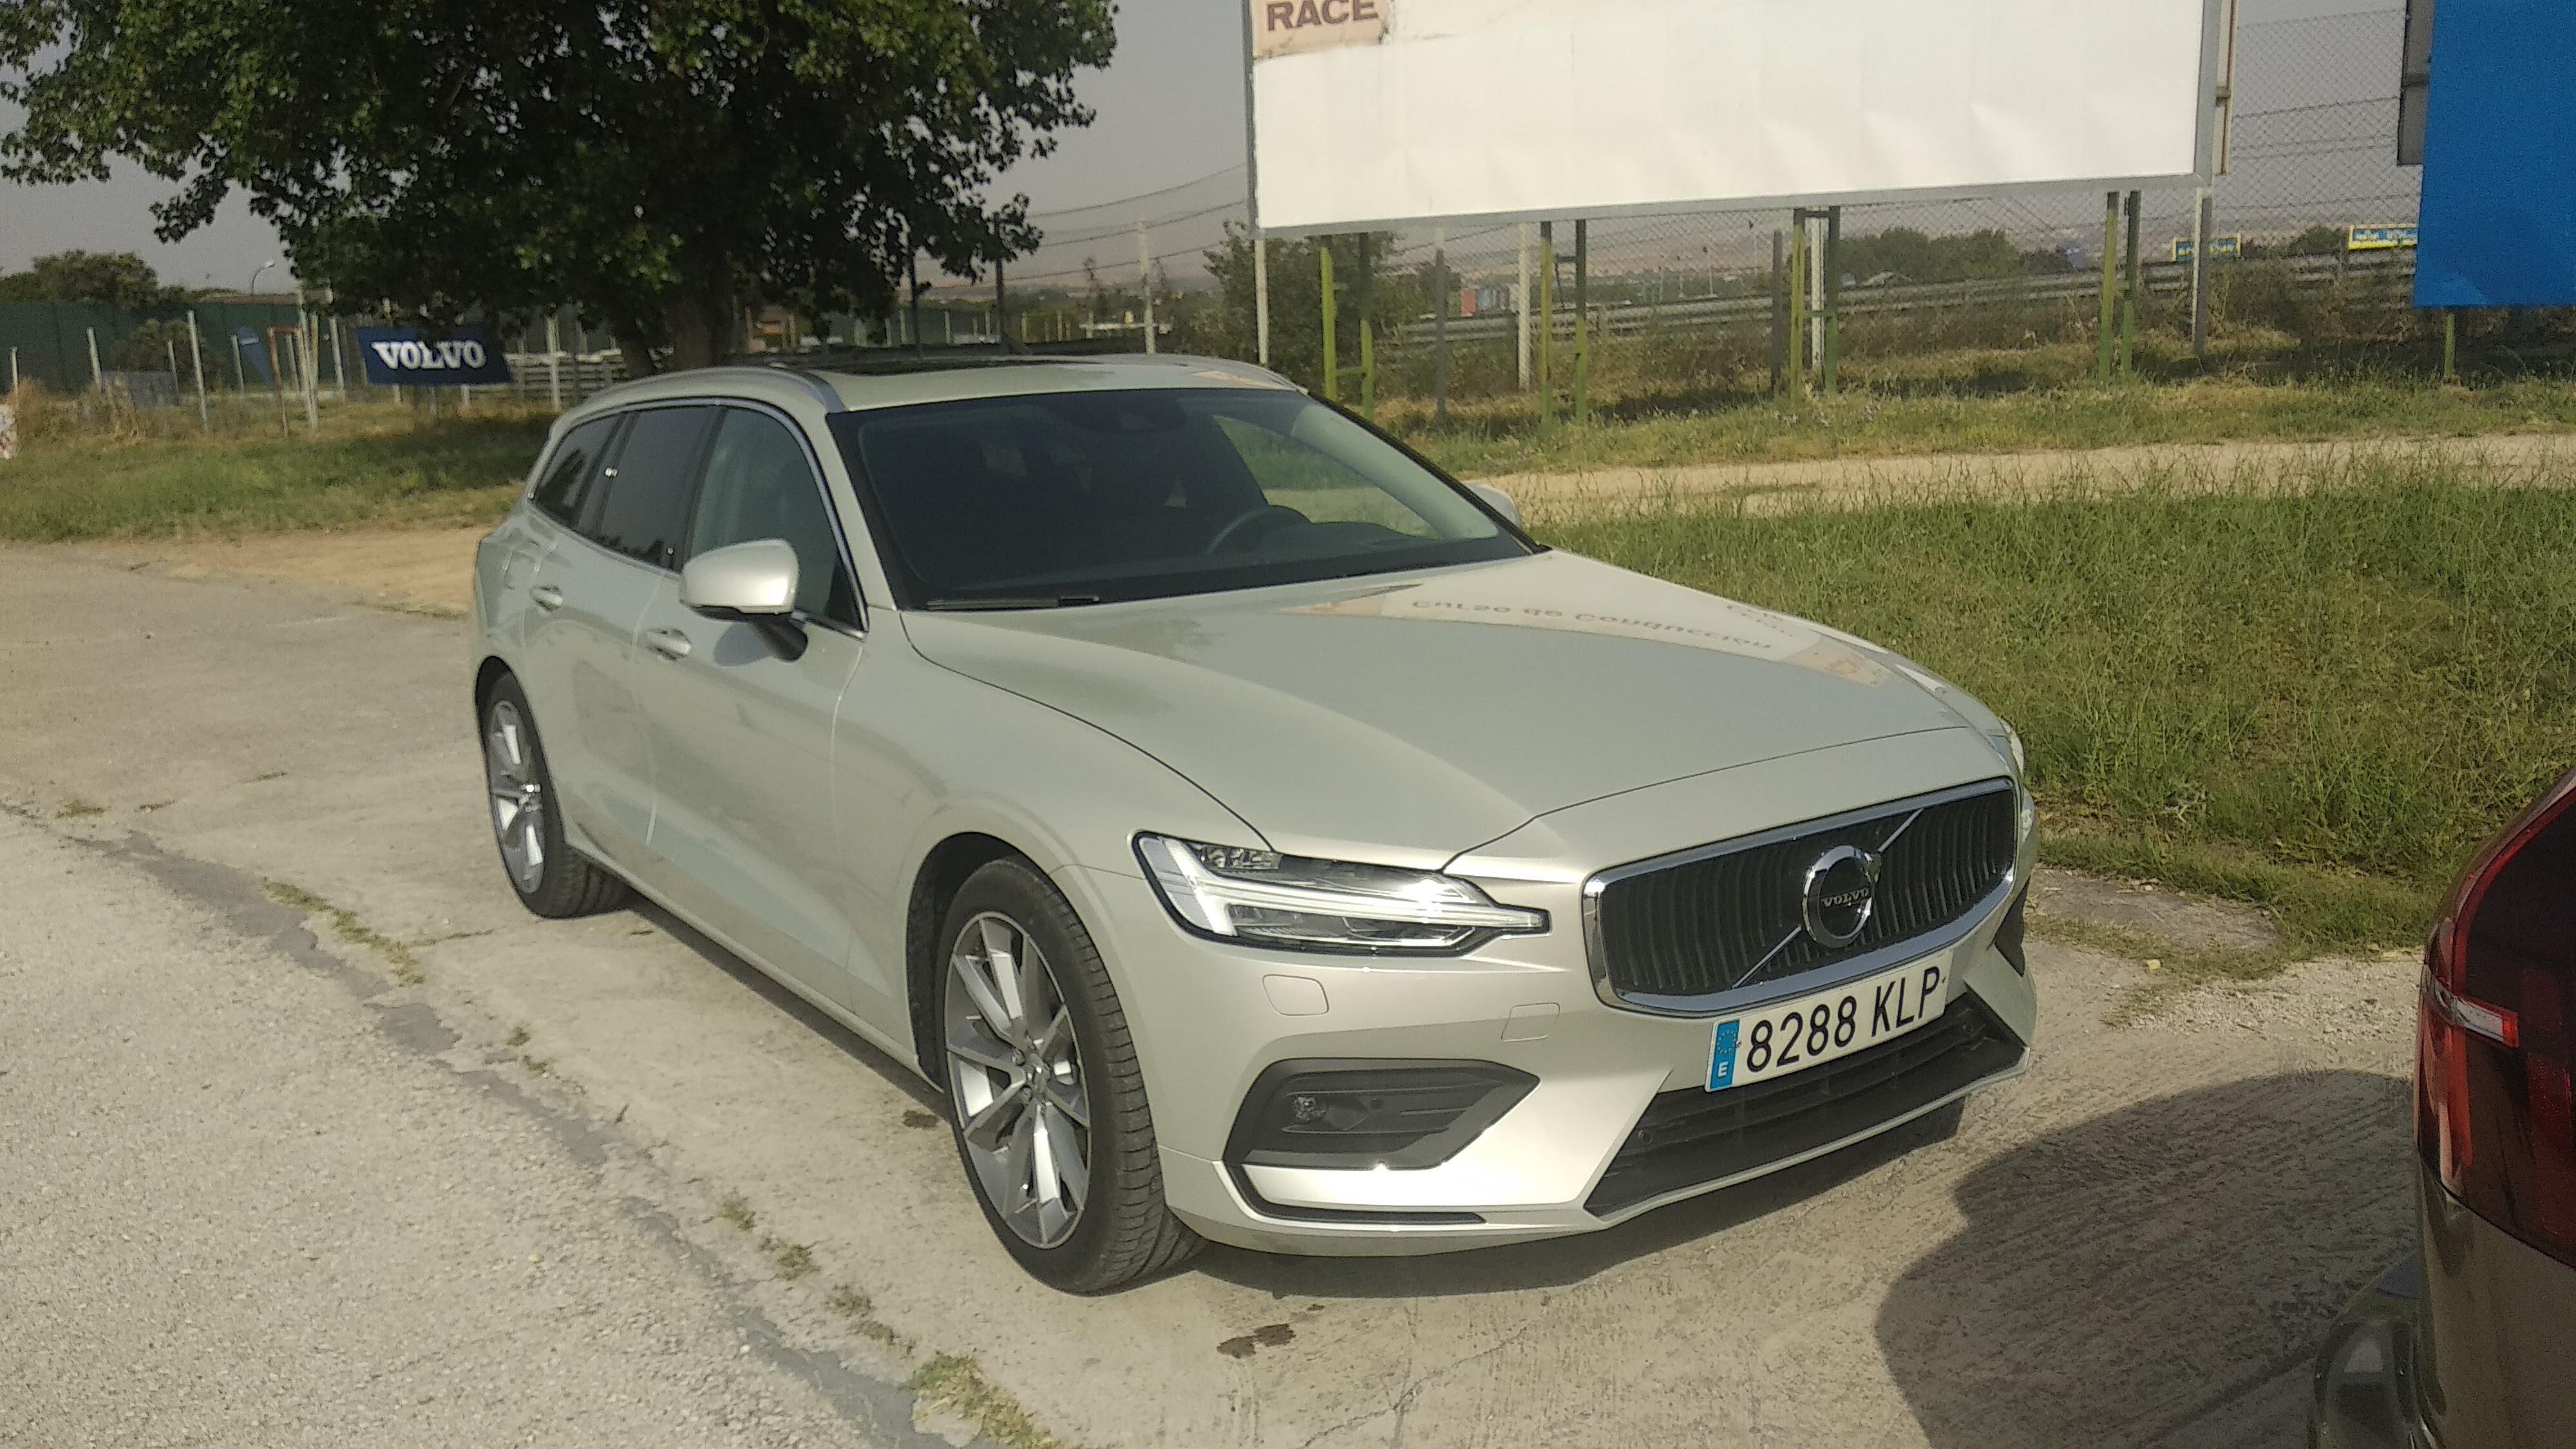 Curso de Conducción segura de Volvo 18